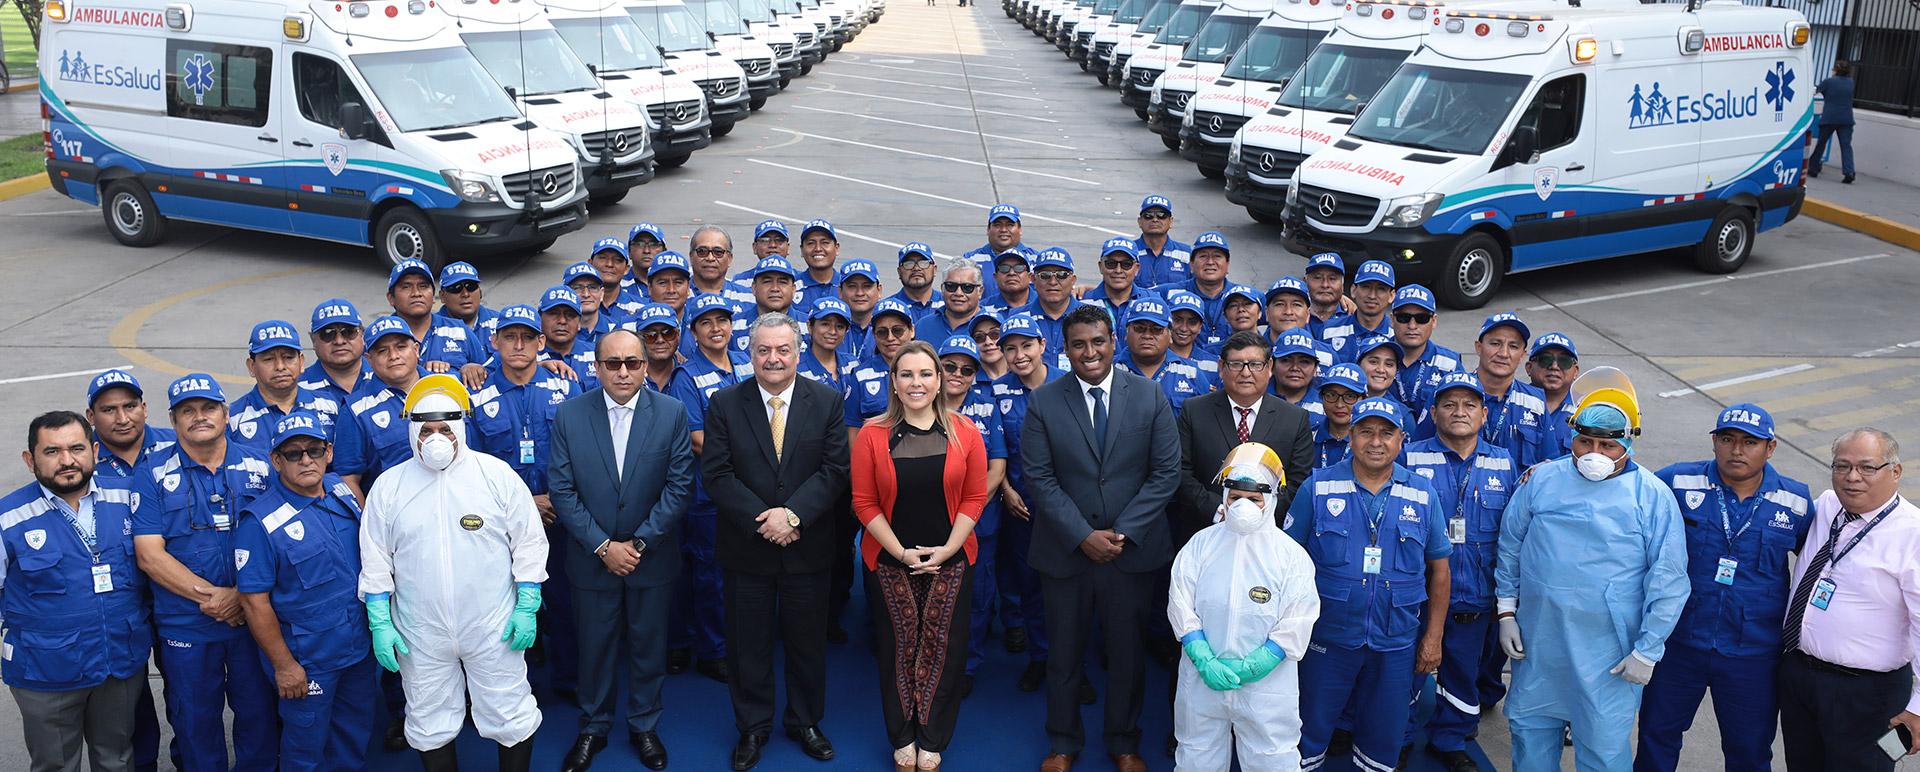 Essalud - EsSalud presenta flota de ambulancias con última tecnología para traslado de pacientes críticos